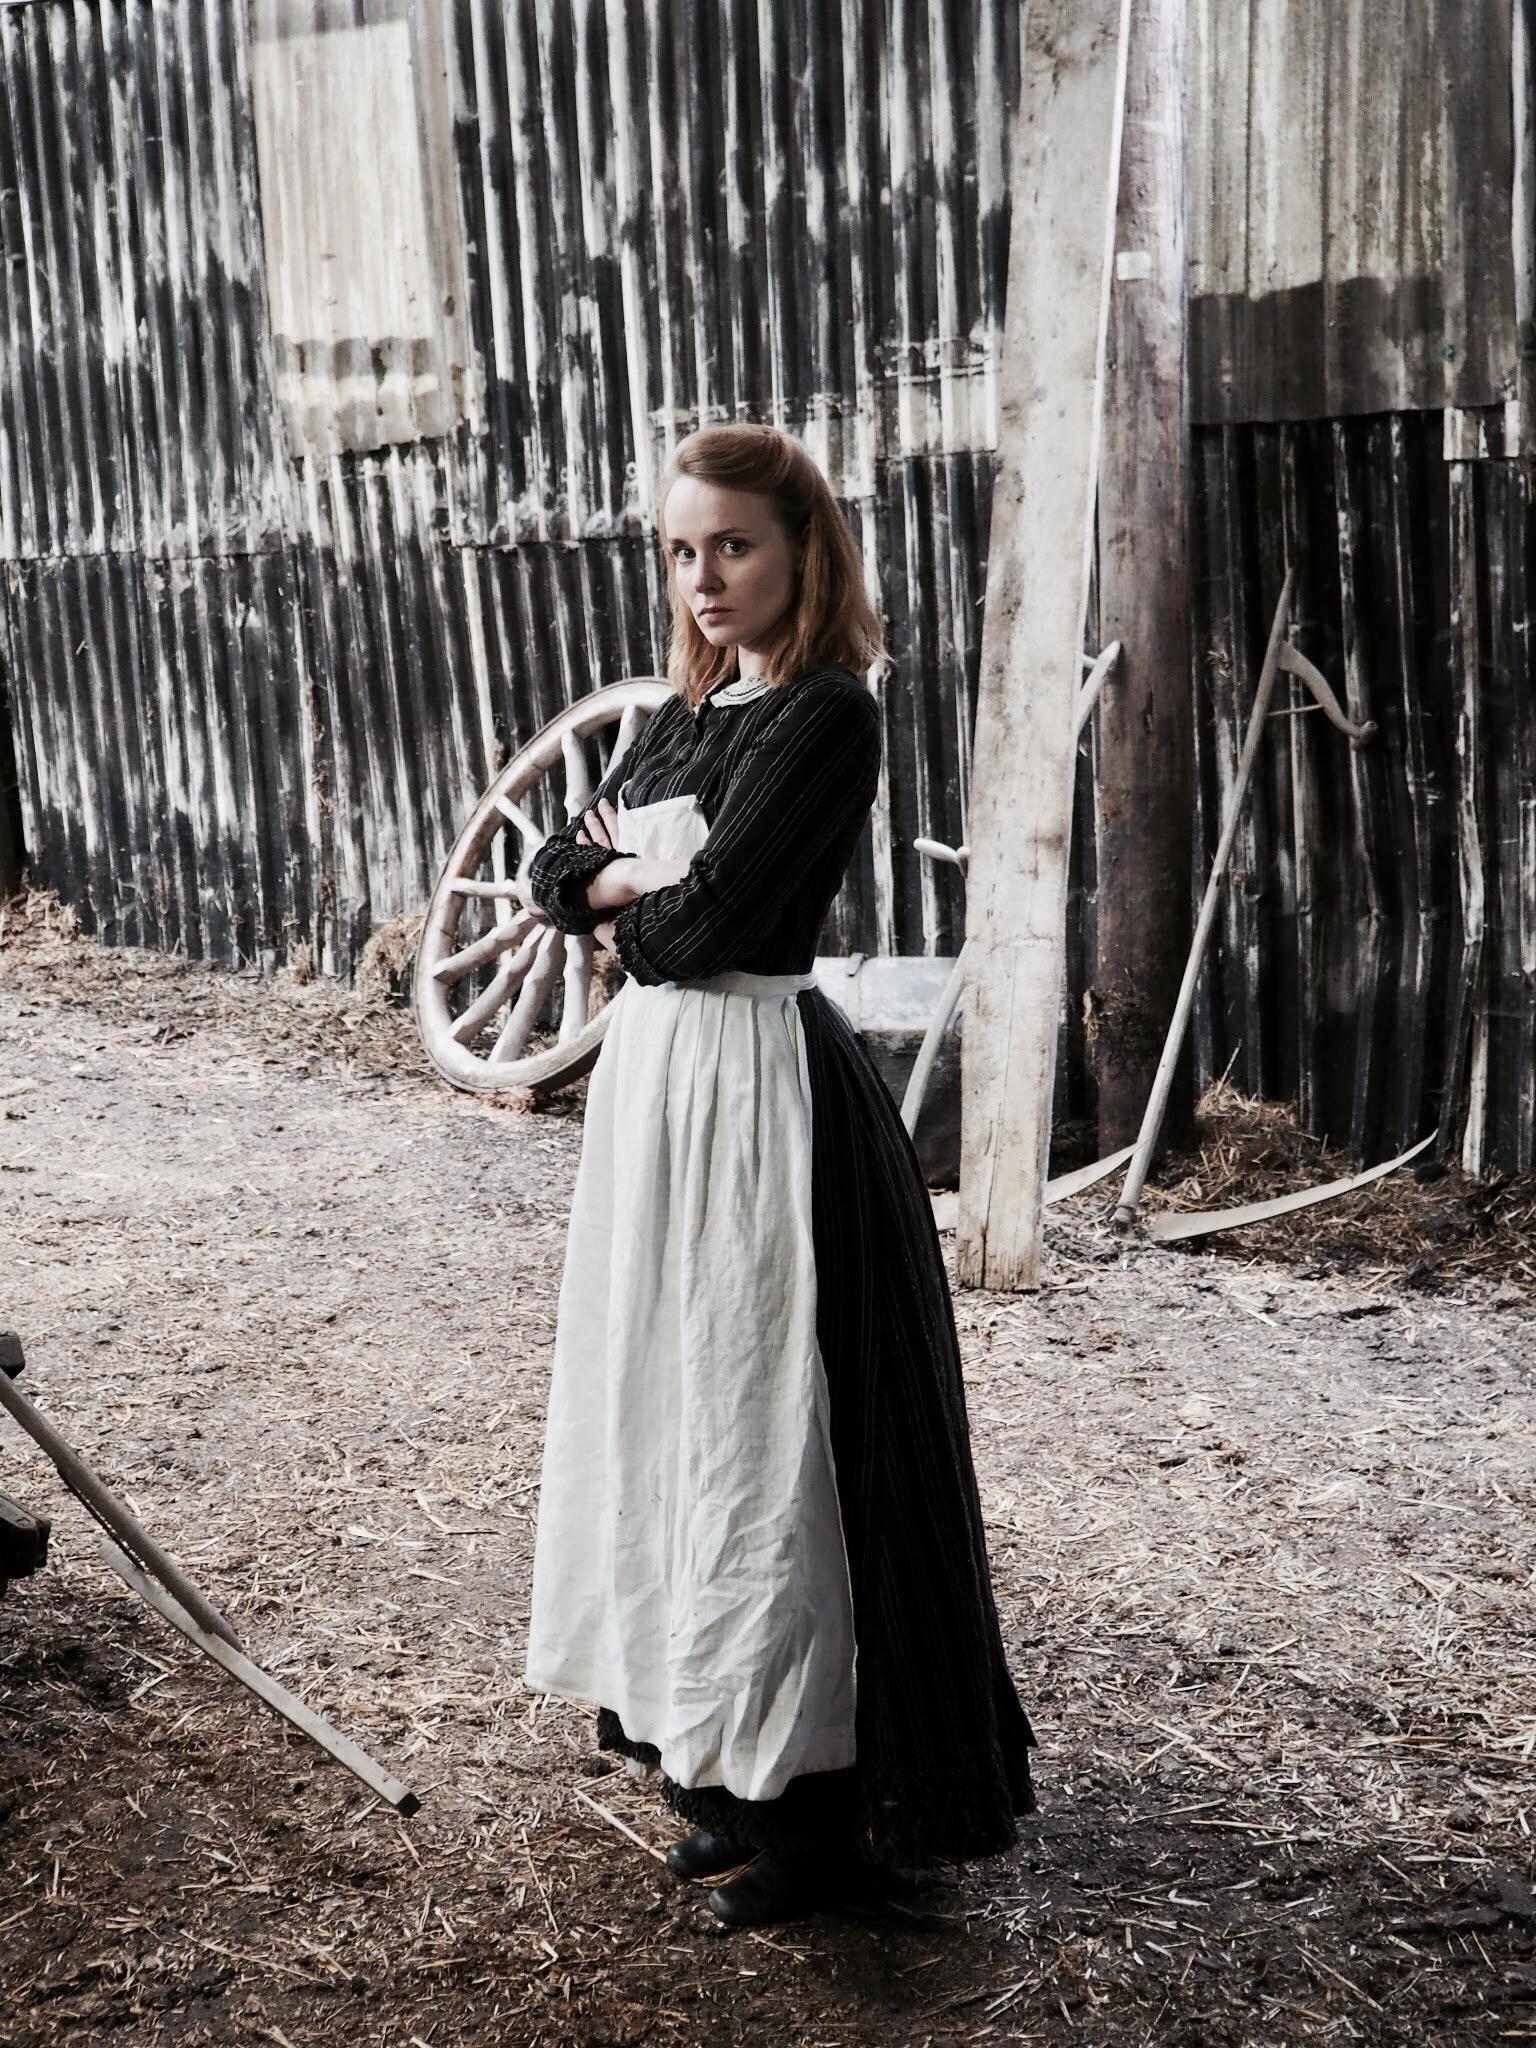 Magdalena Korpas as Magda